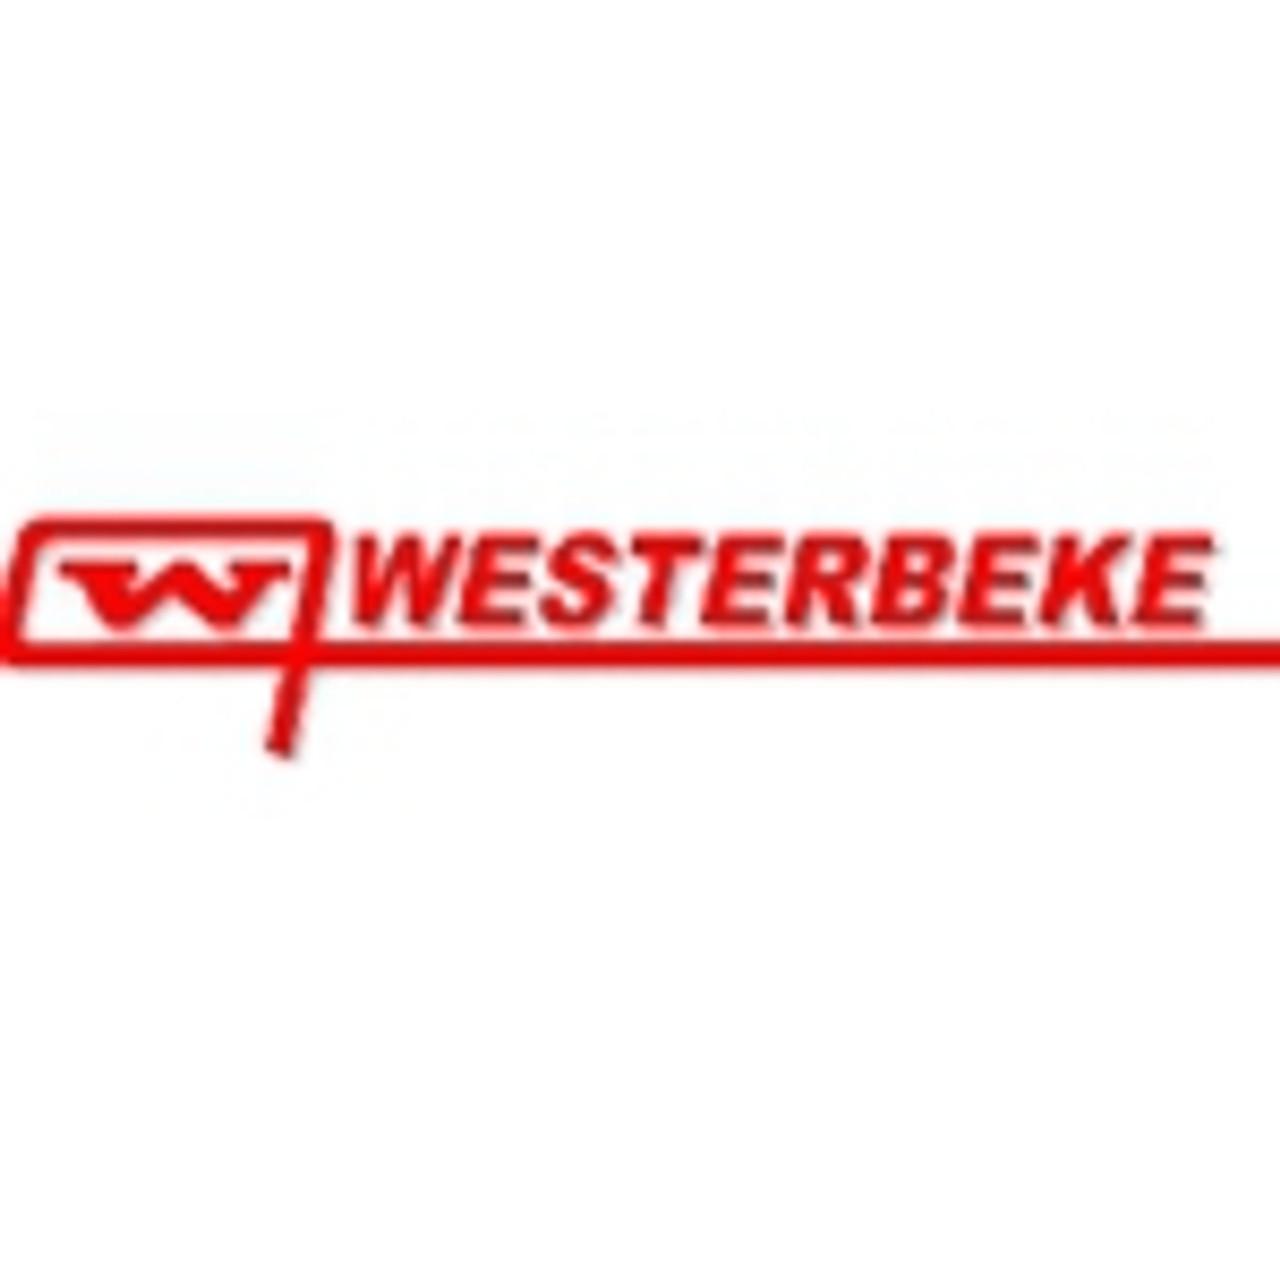 Westerbeke